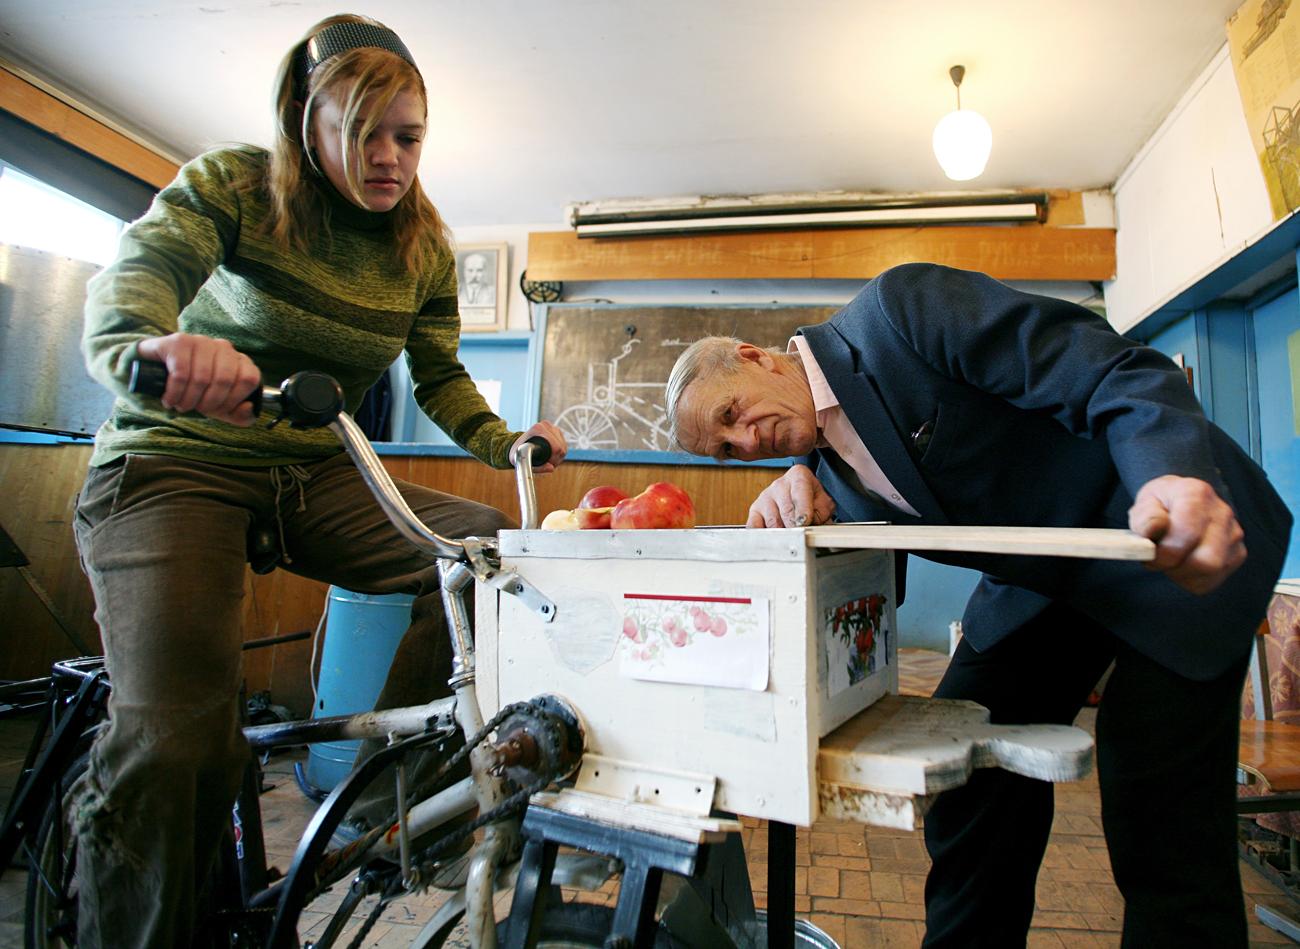 Učitelj Viktor Tarigin iz ruskega kraja Borisglebsk je izumil sokovnik, ki ga poganja kolo. Tukaj napravo preizkuša ena od njegovih učenk na poklicni šoli.